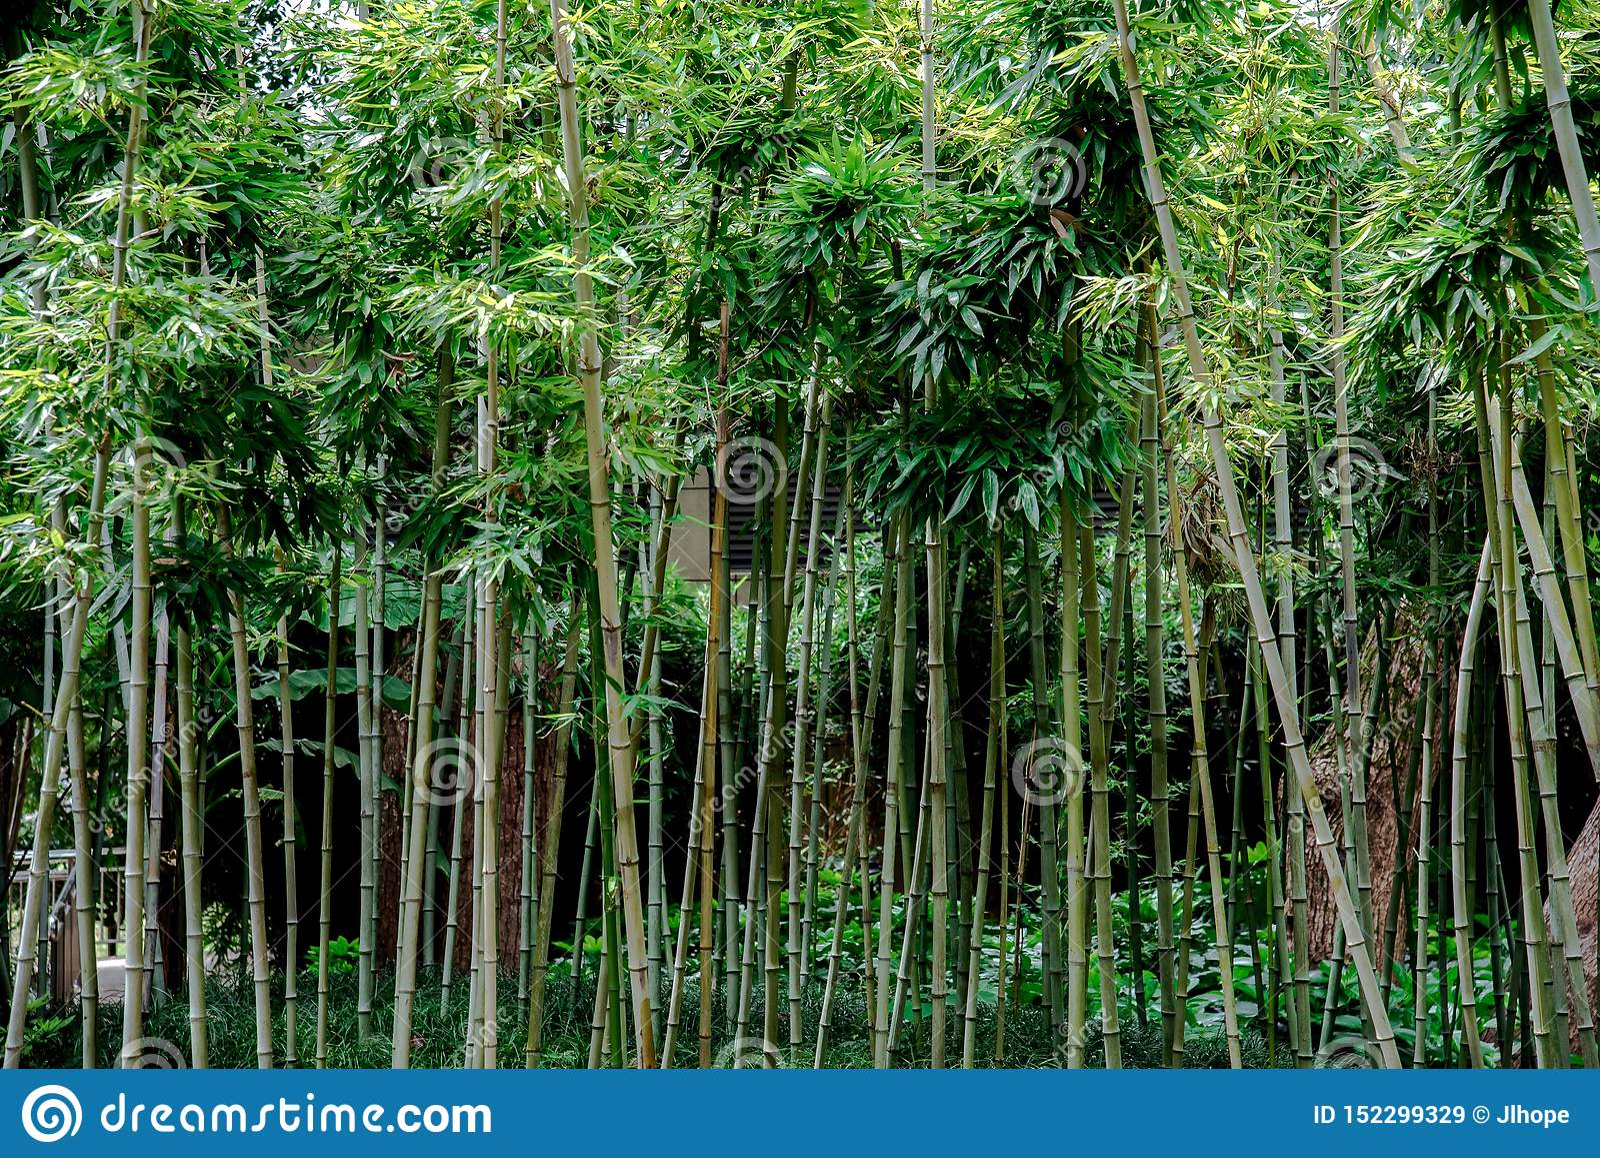 Bambous verts dans un jardin